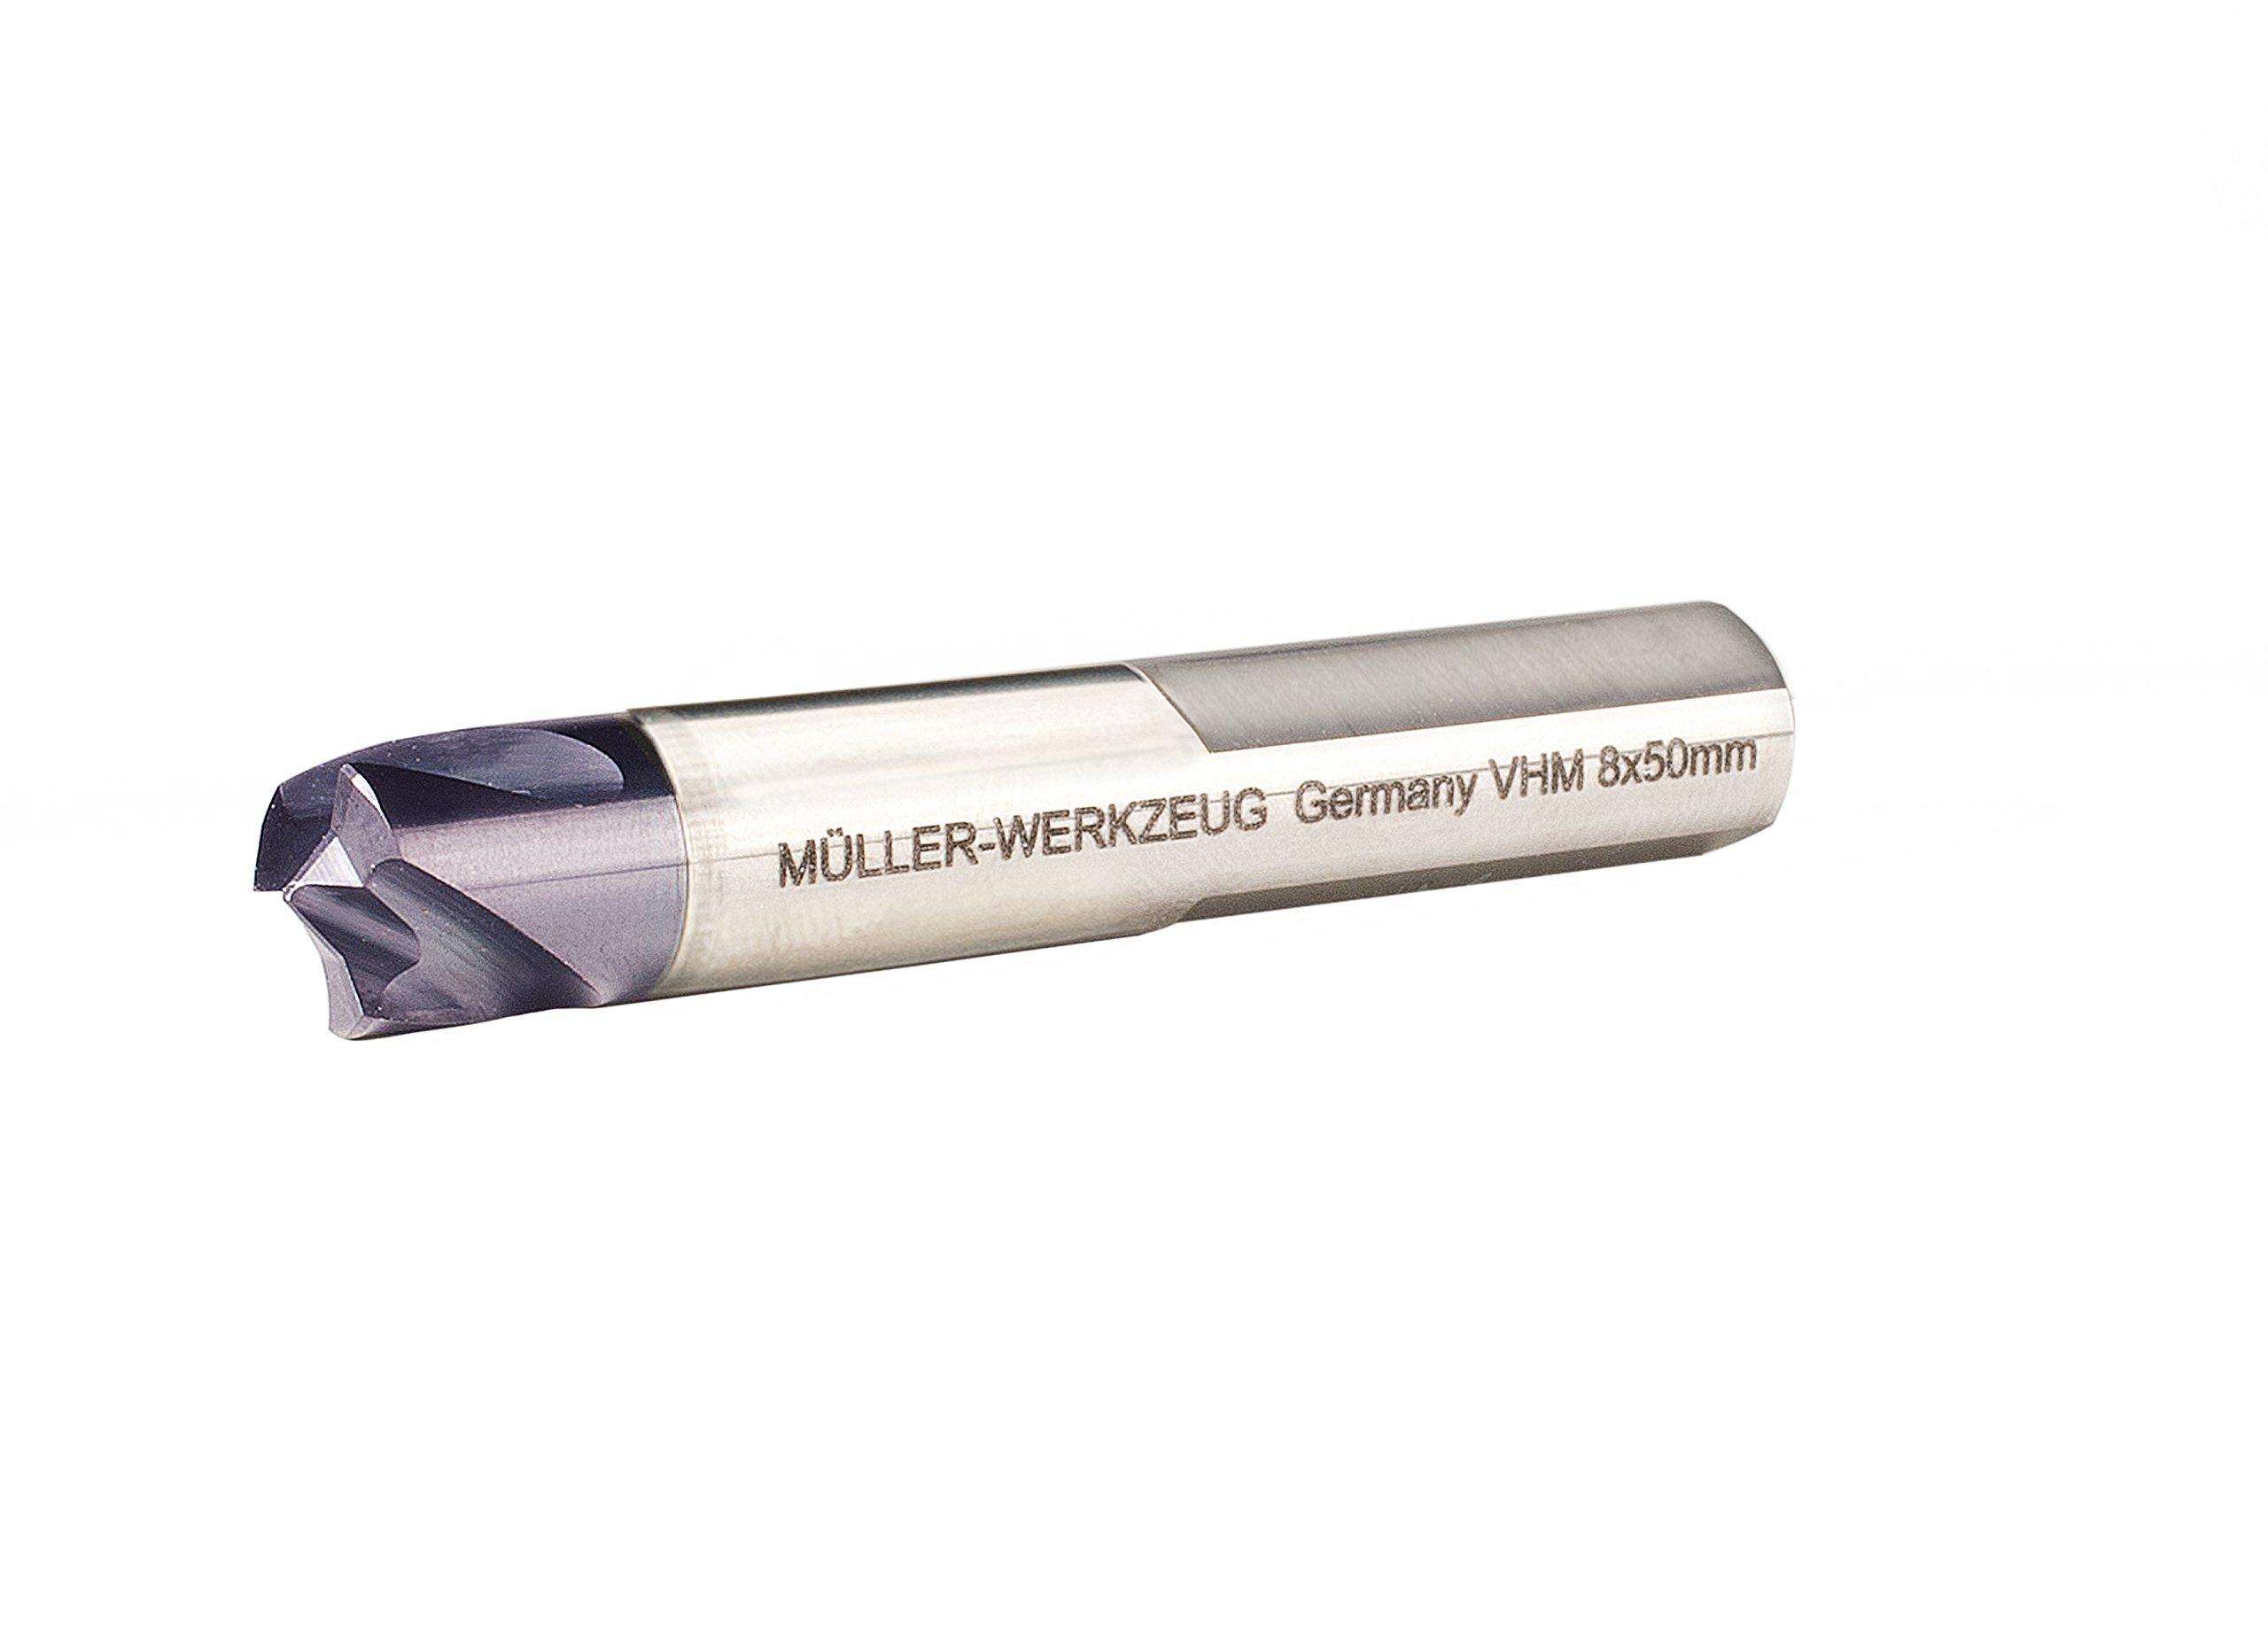 Mueller-Kueps 222 051 8 mm x 50 mm Carbide Spot 3-Edged Welding Drill